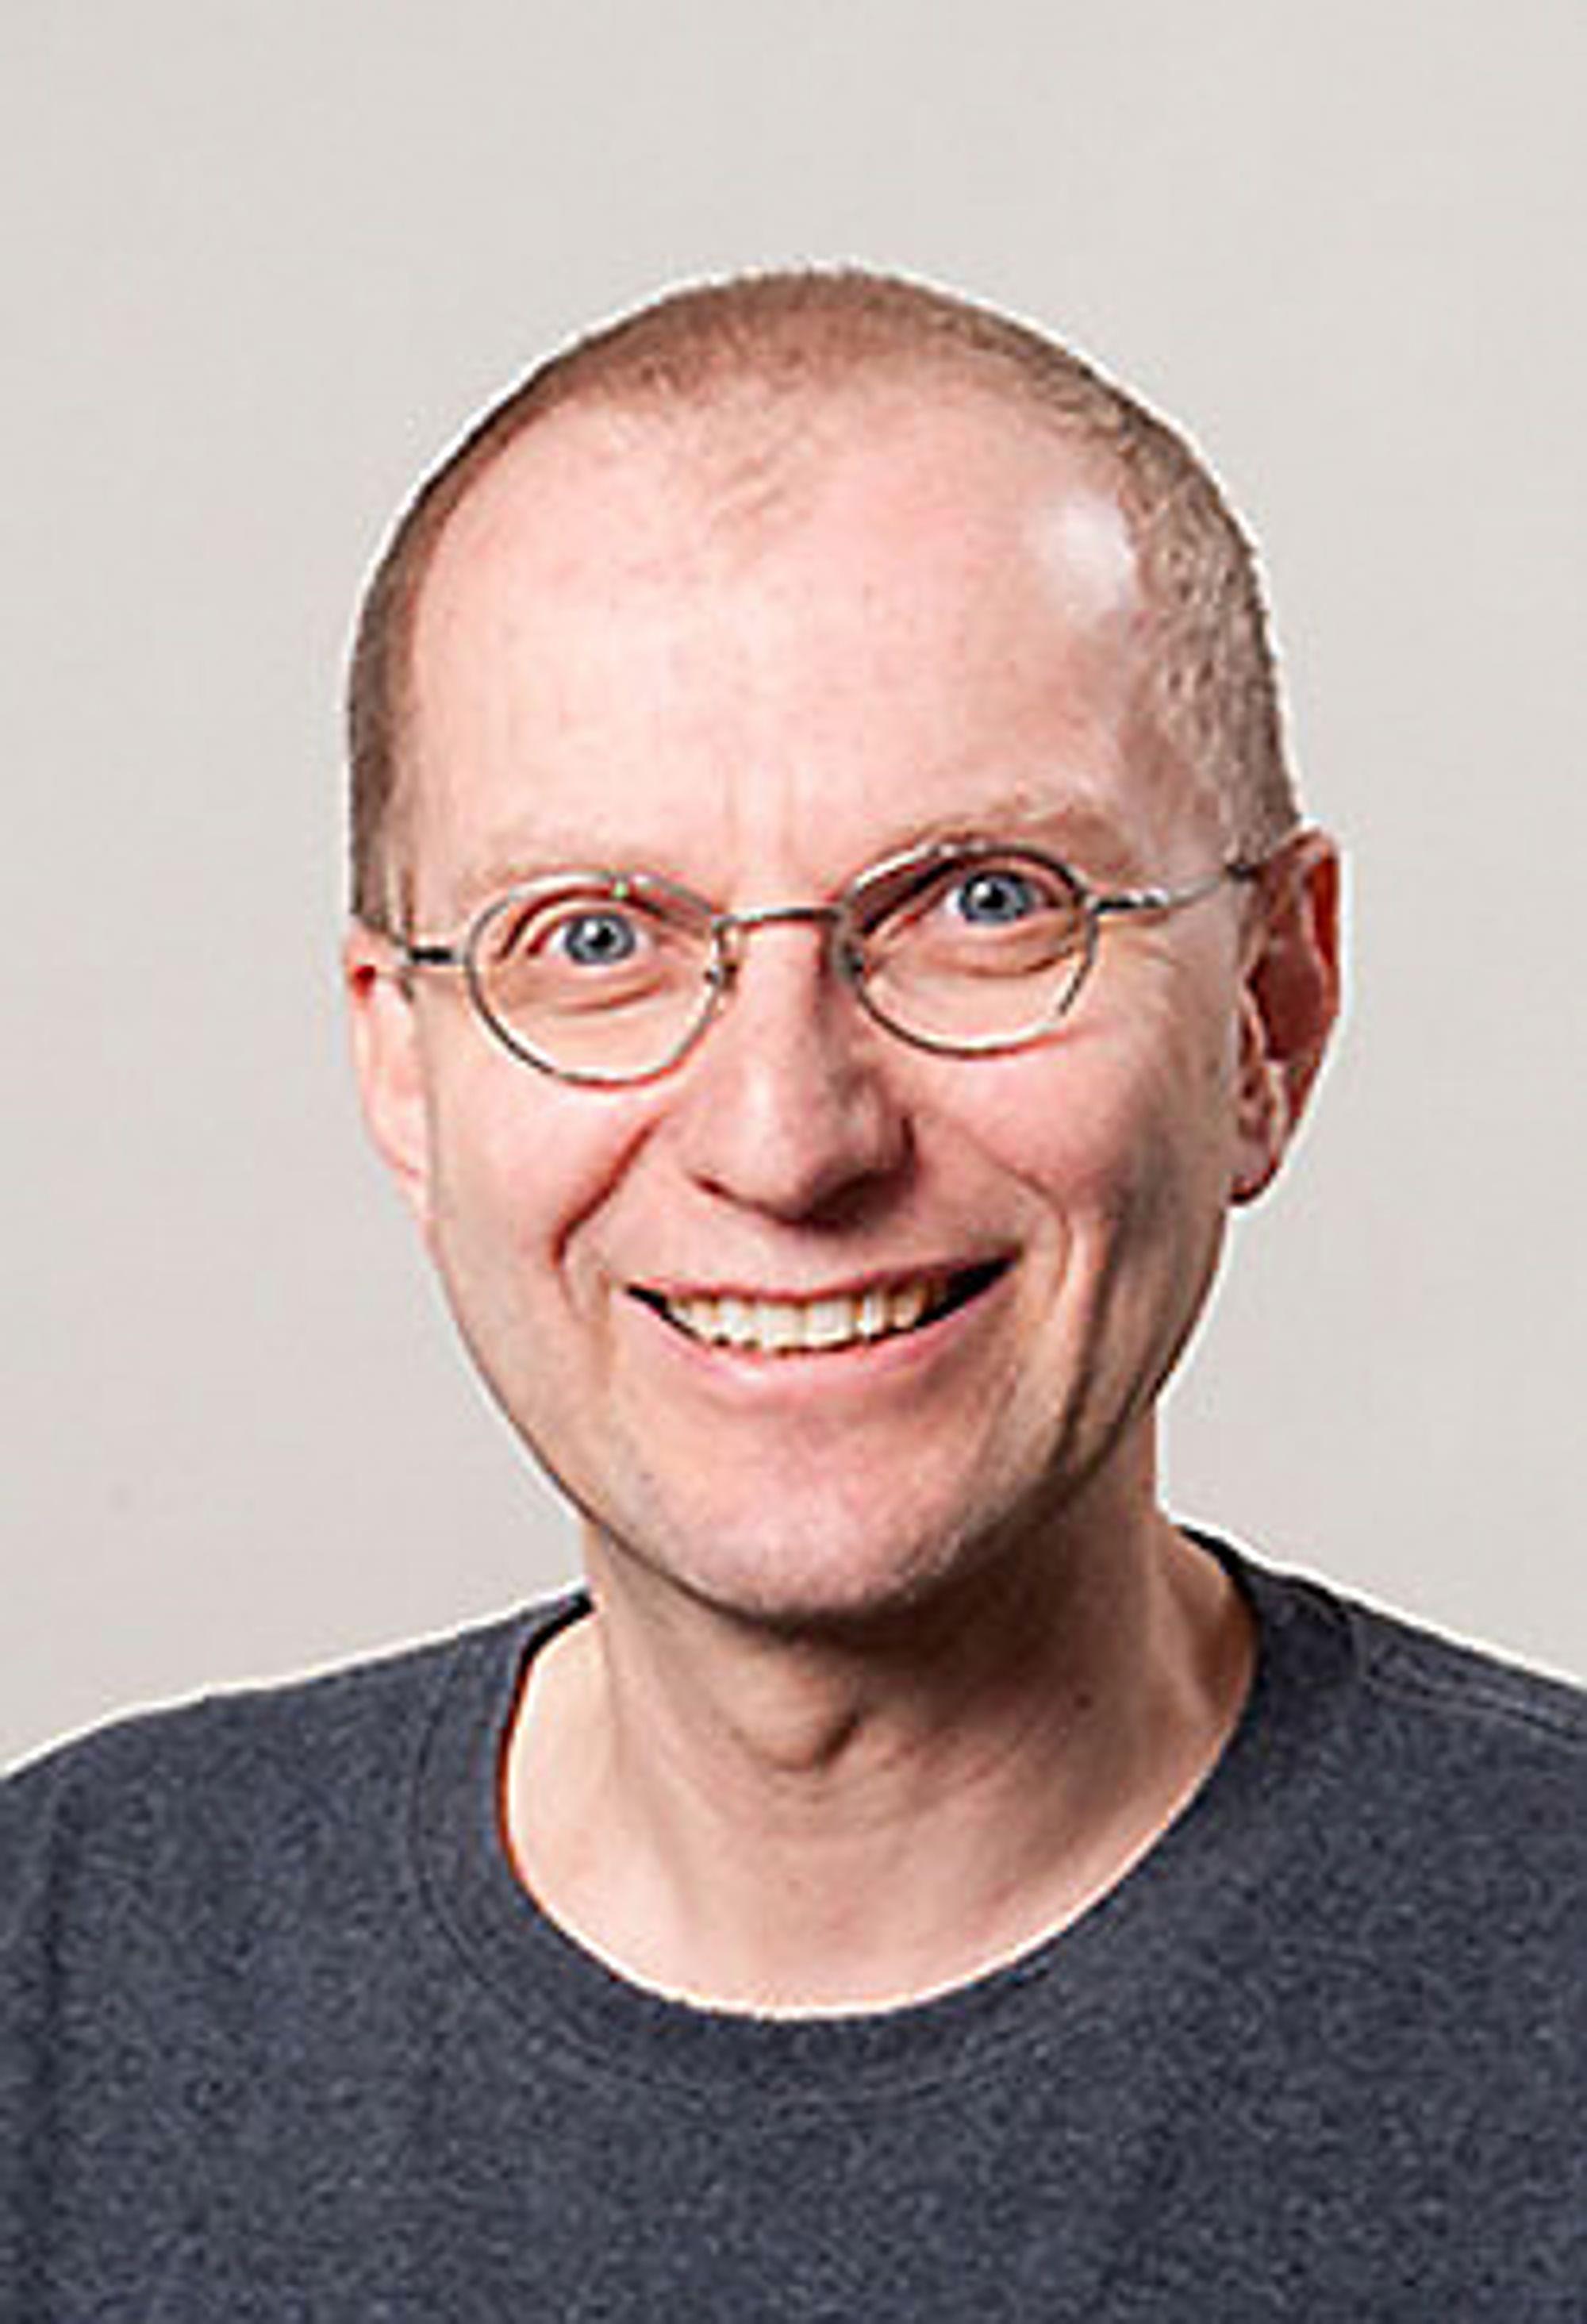 Prosjektleder for Rimfax, Svein-Erik Hamran